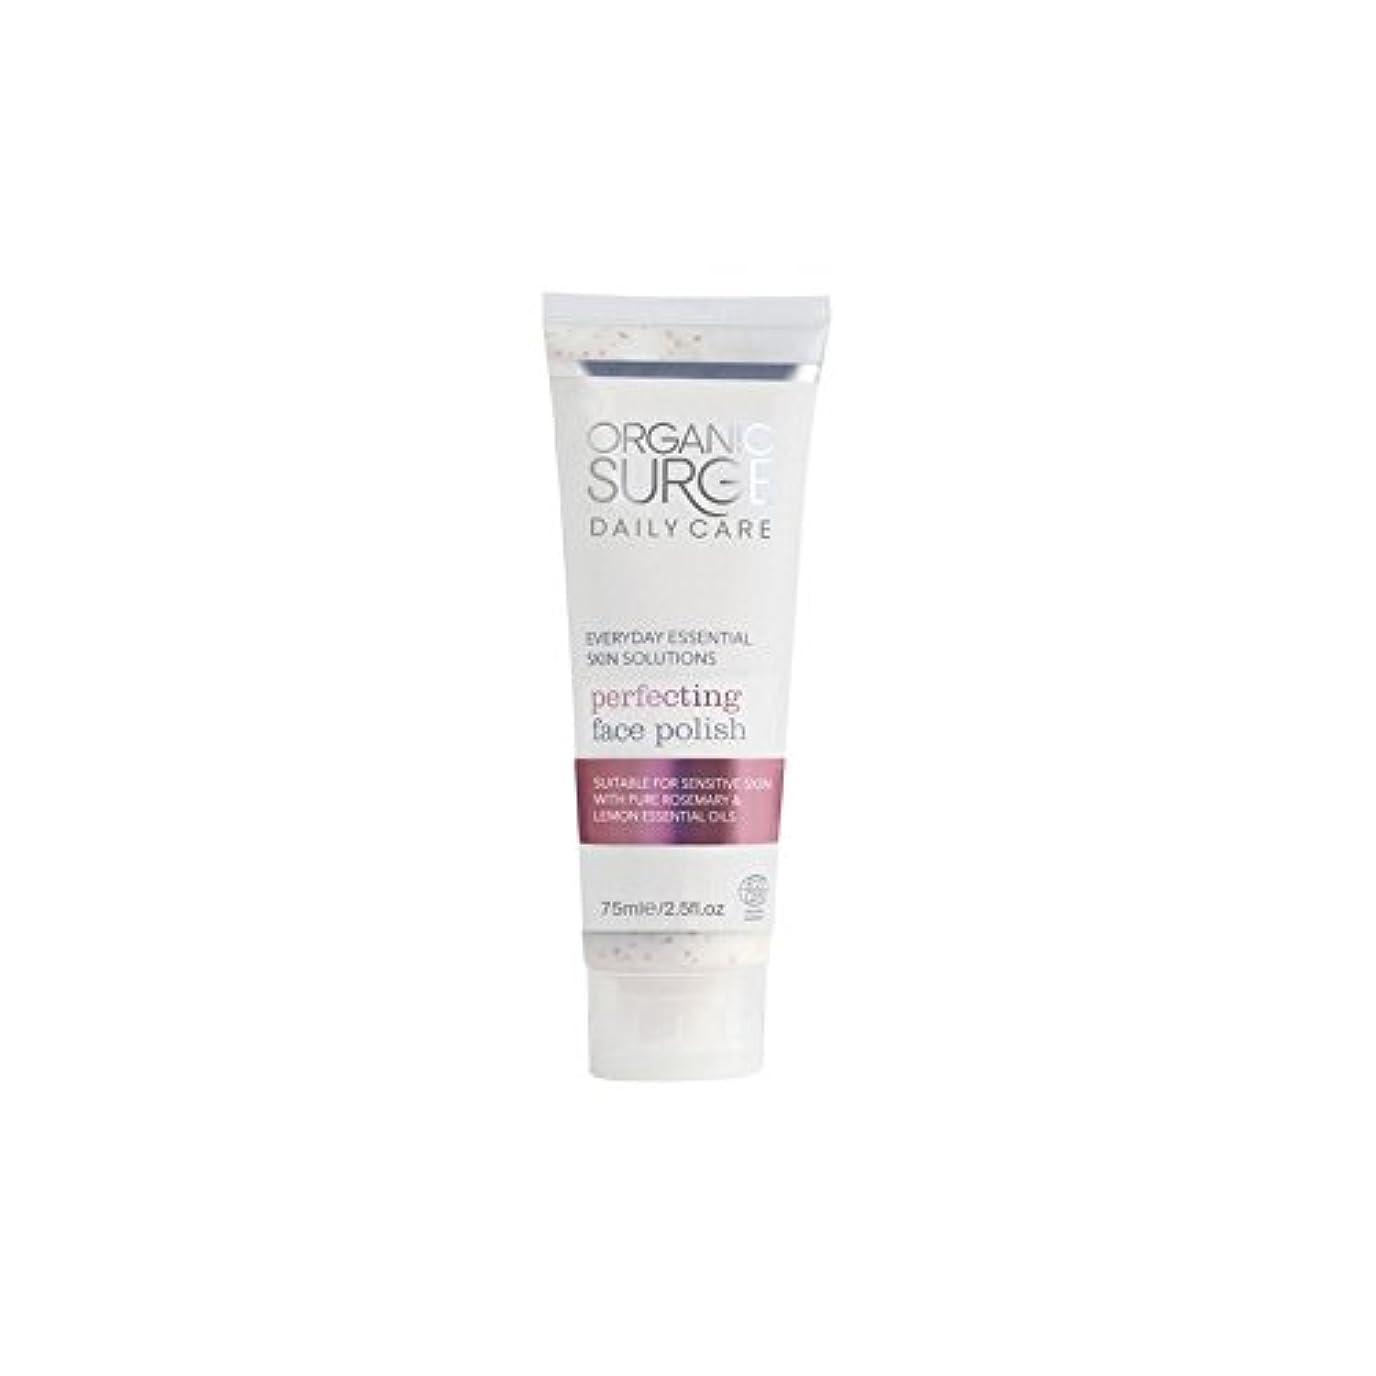 ストリームピケ舗装する面研磨を完成有機サージ毎日のケア(75ミリリットル) x4 - Organic Surge Daily Care Perfecting Face Polish (75ml) (Pack of 4) [並行輸入品]